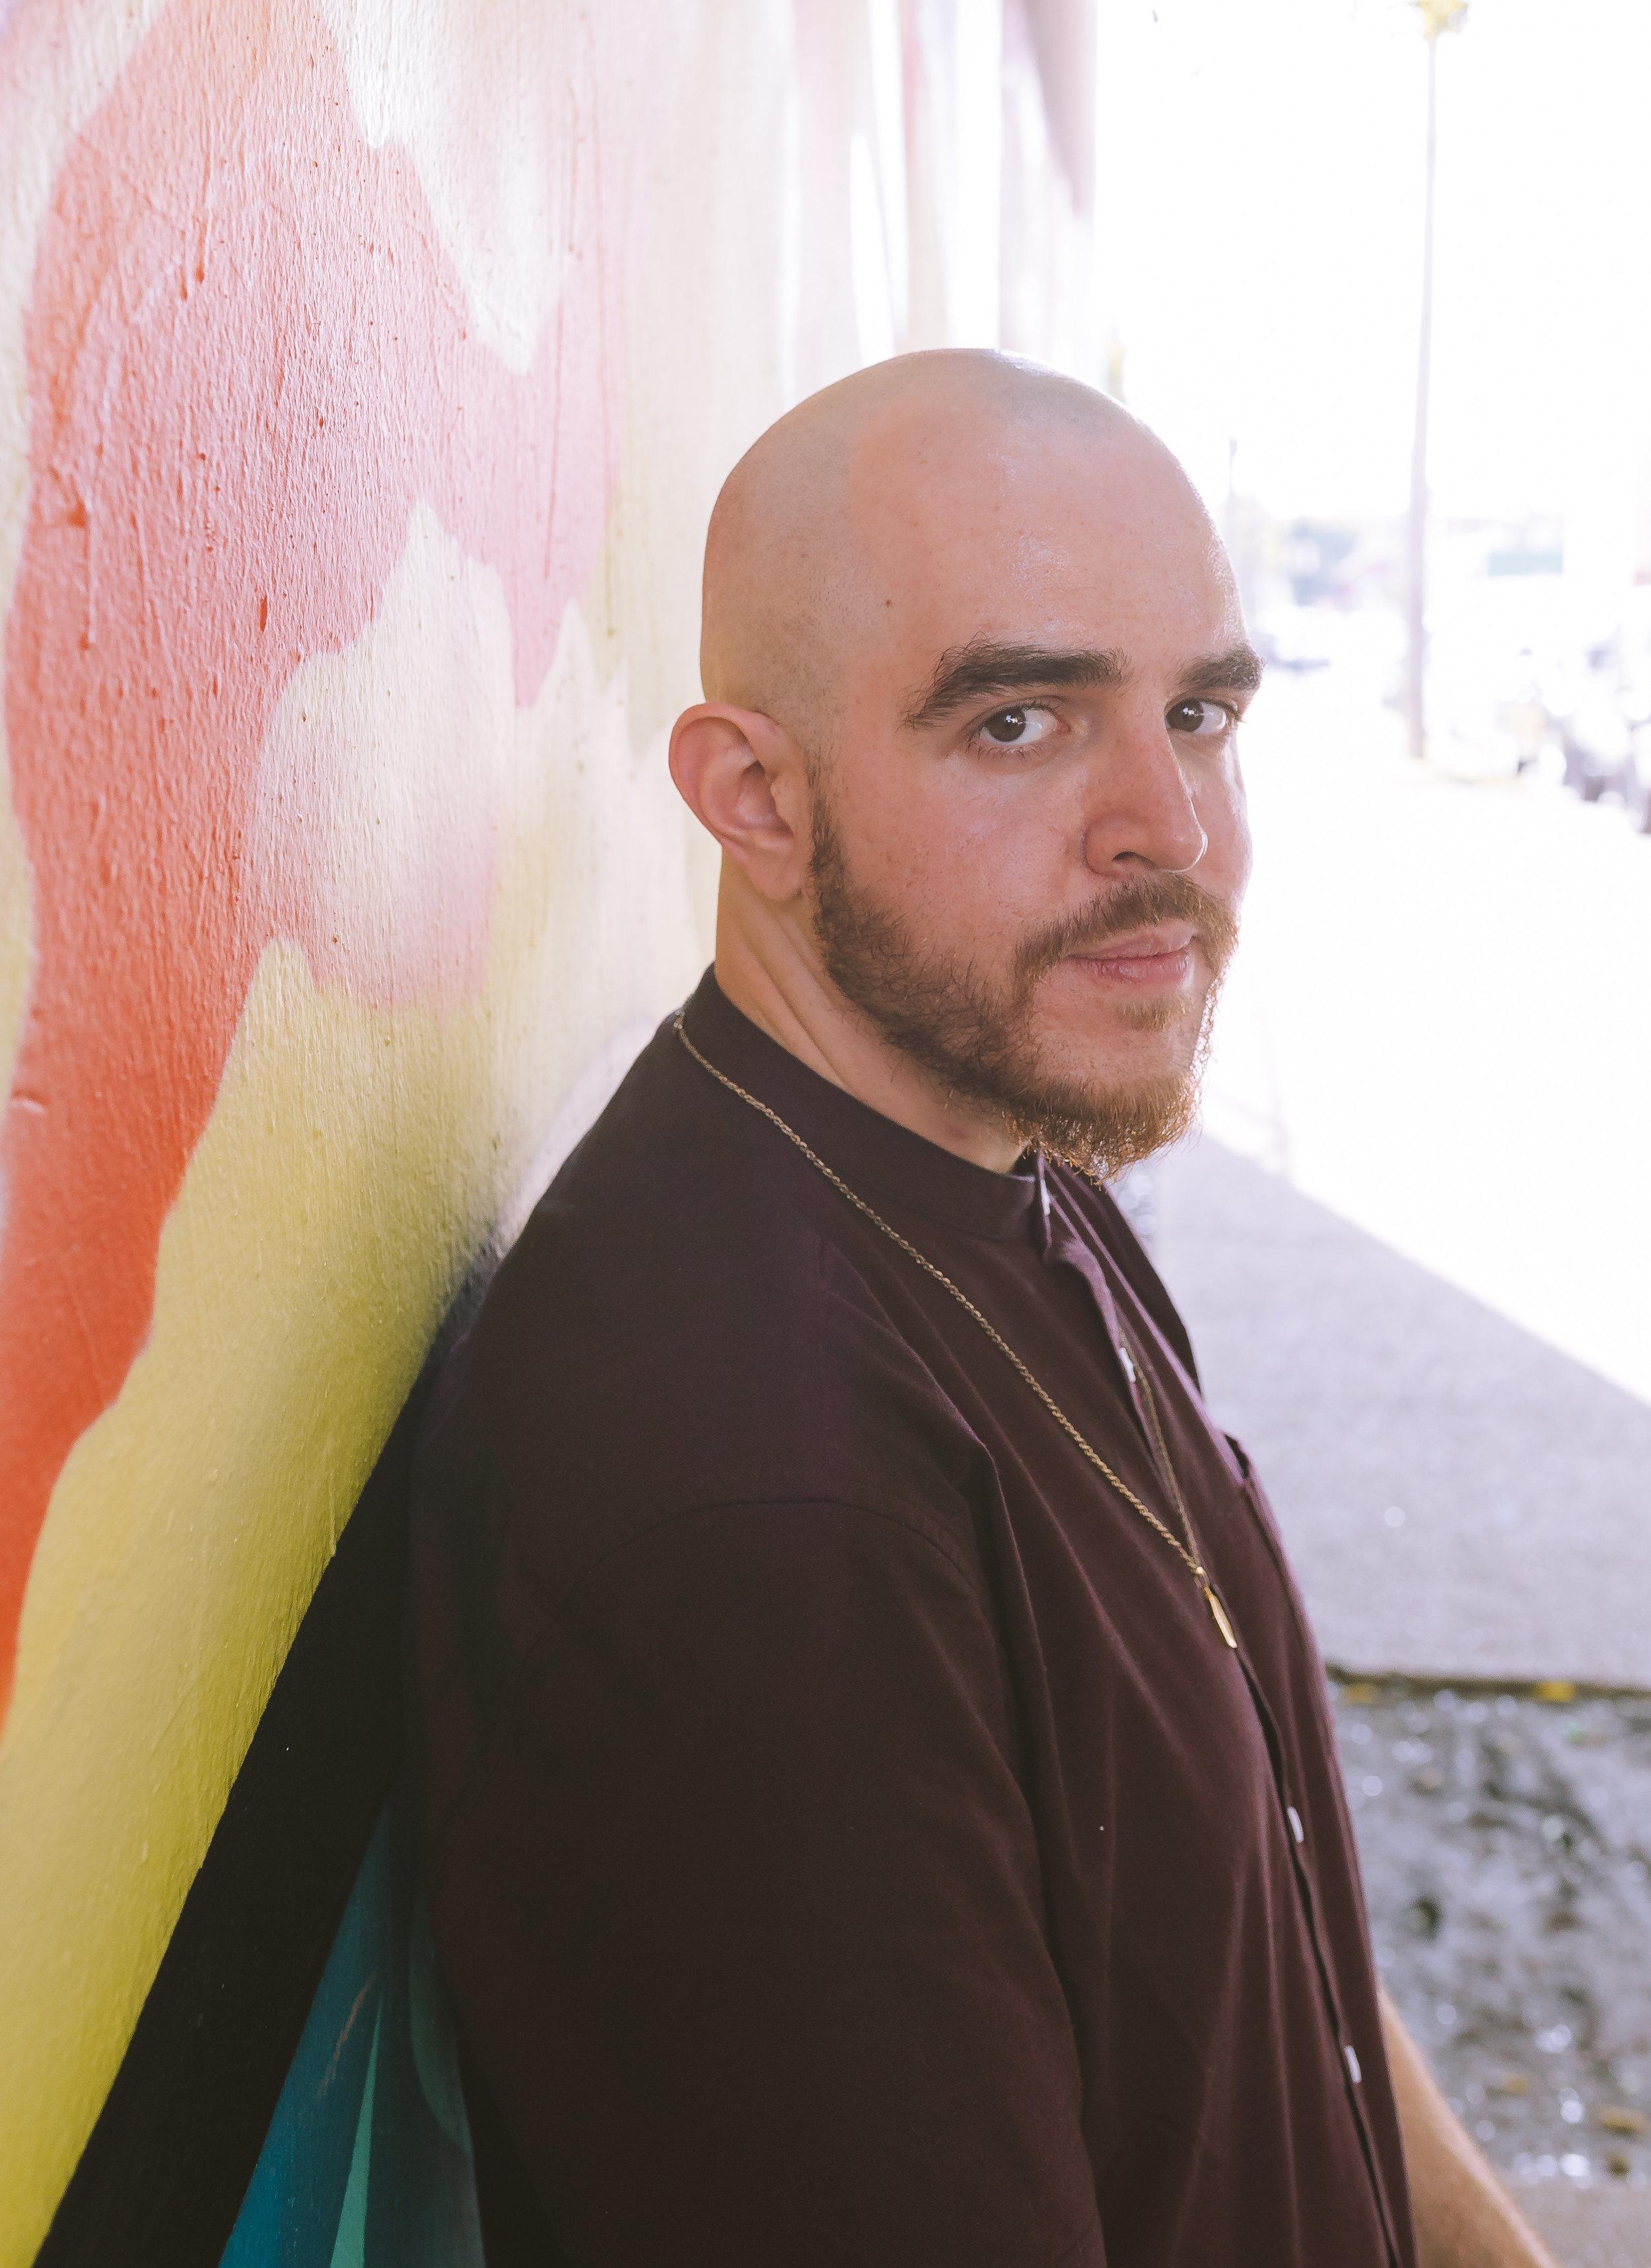 JoséphotobyMarcosVasquez - José Olivarez.jpg